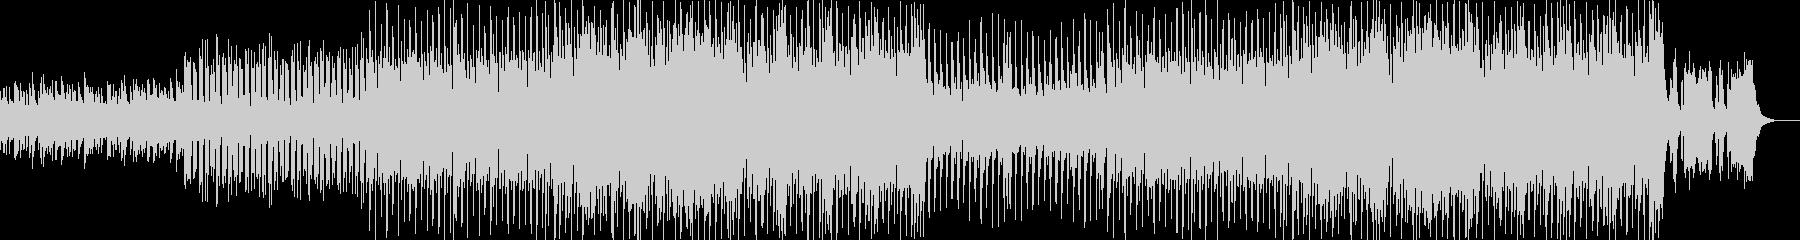 明るく爽やかなオーケストラポップ-15の未再生の波形